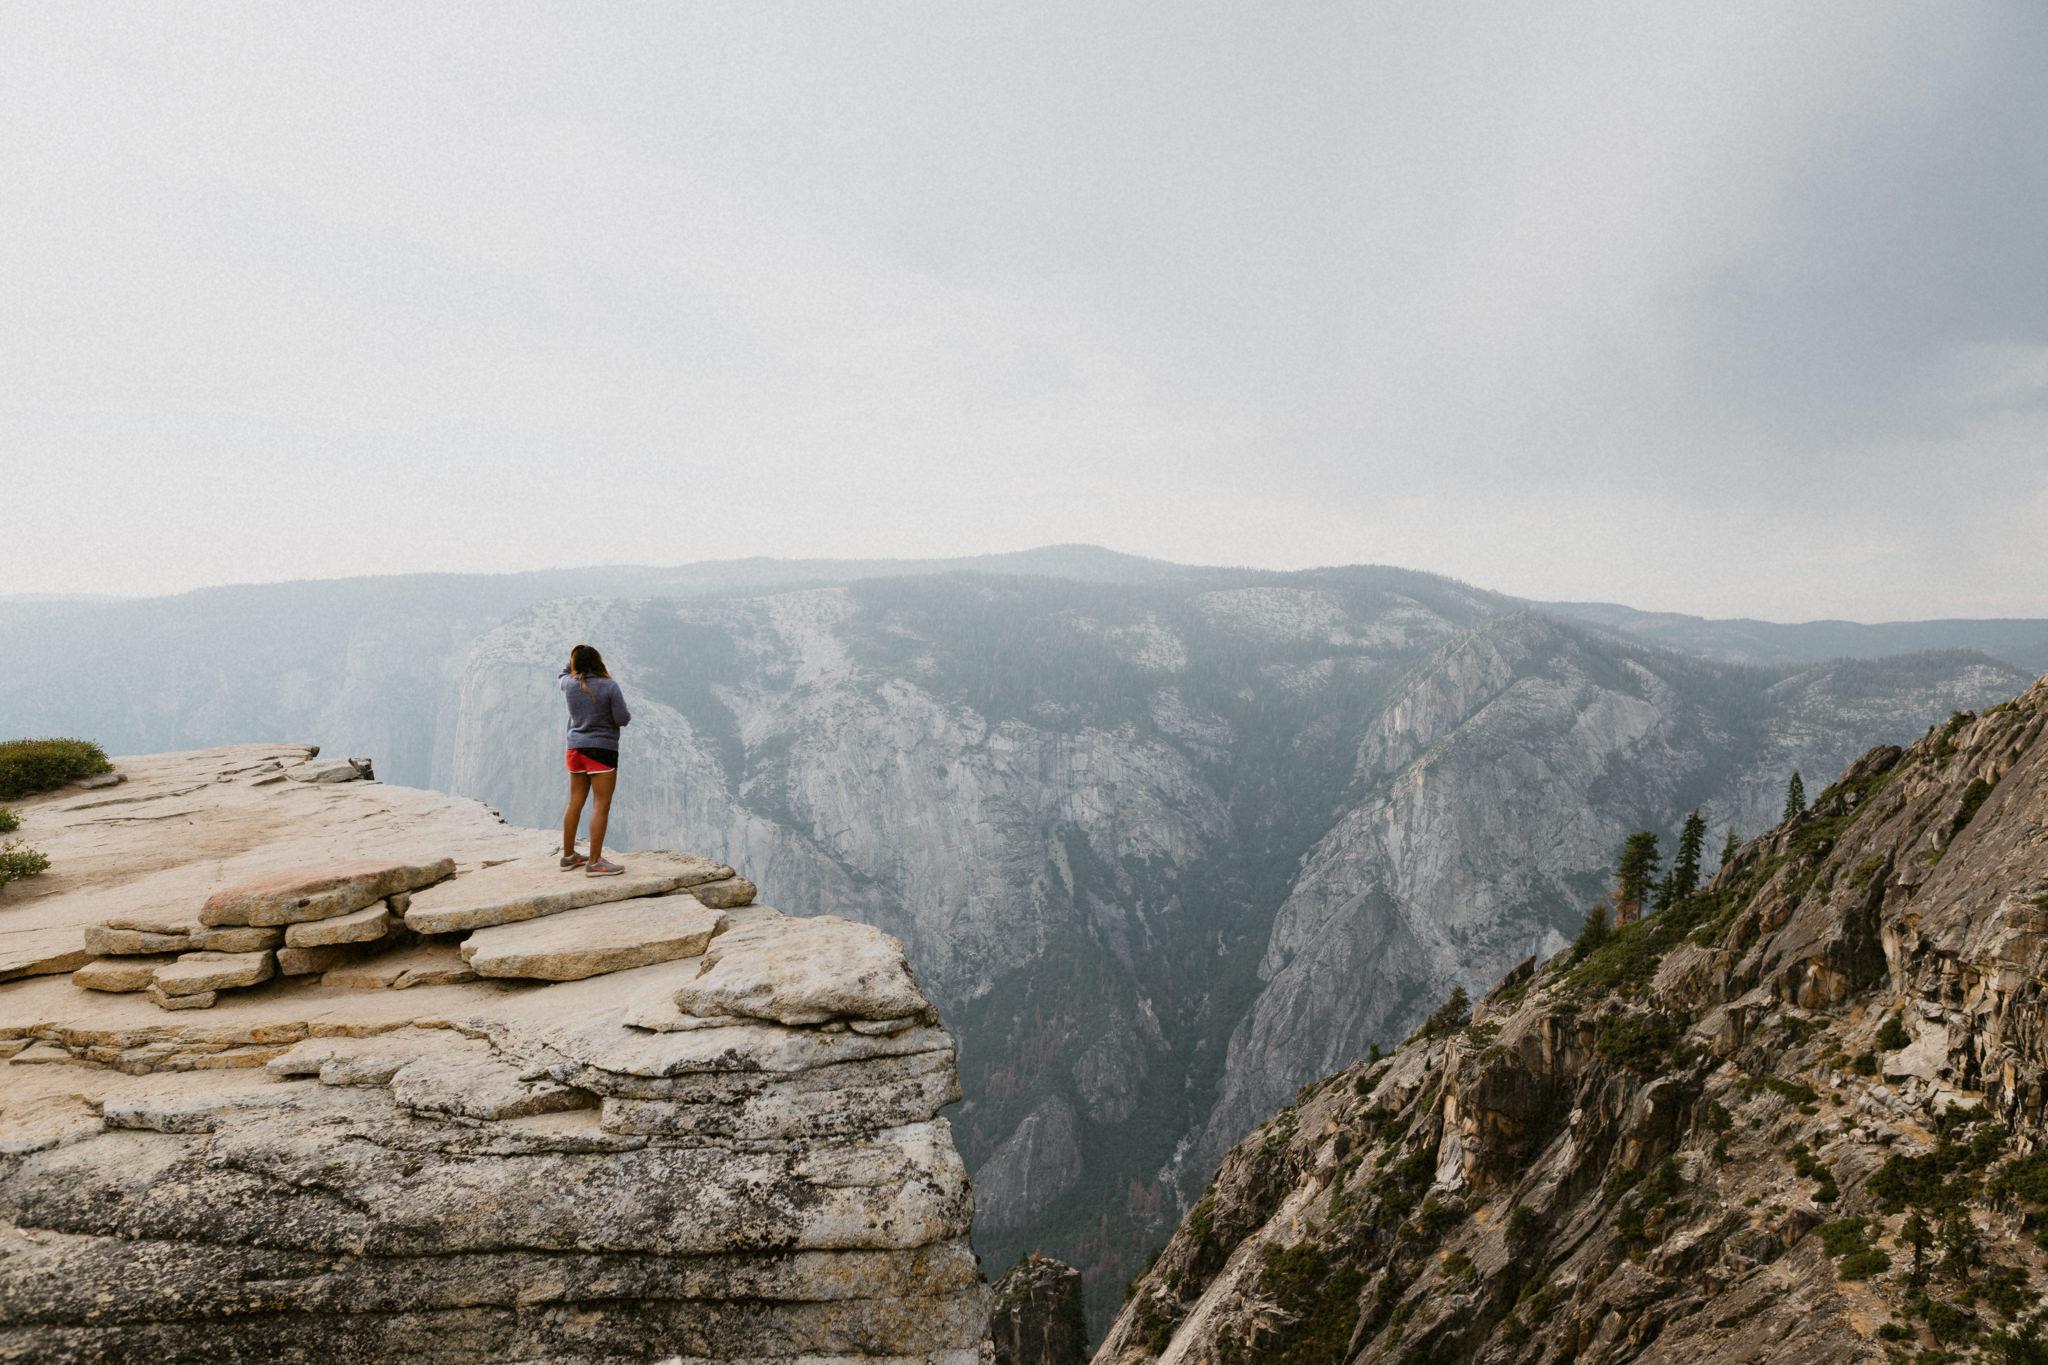 20160820_Yosemite_0013-Exposure.jpg